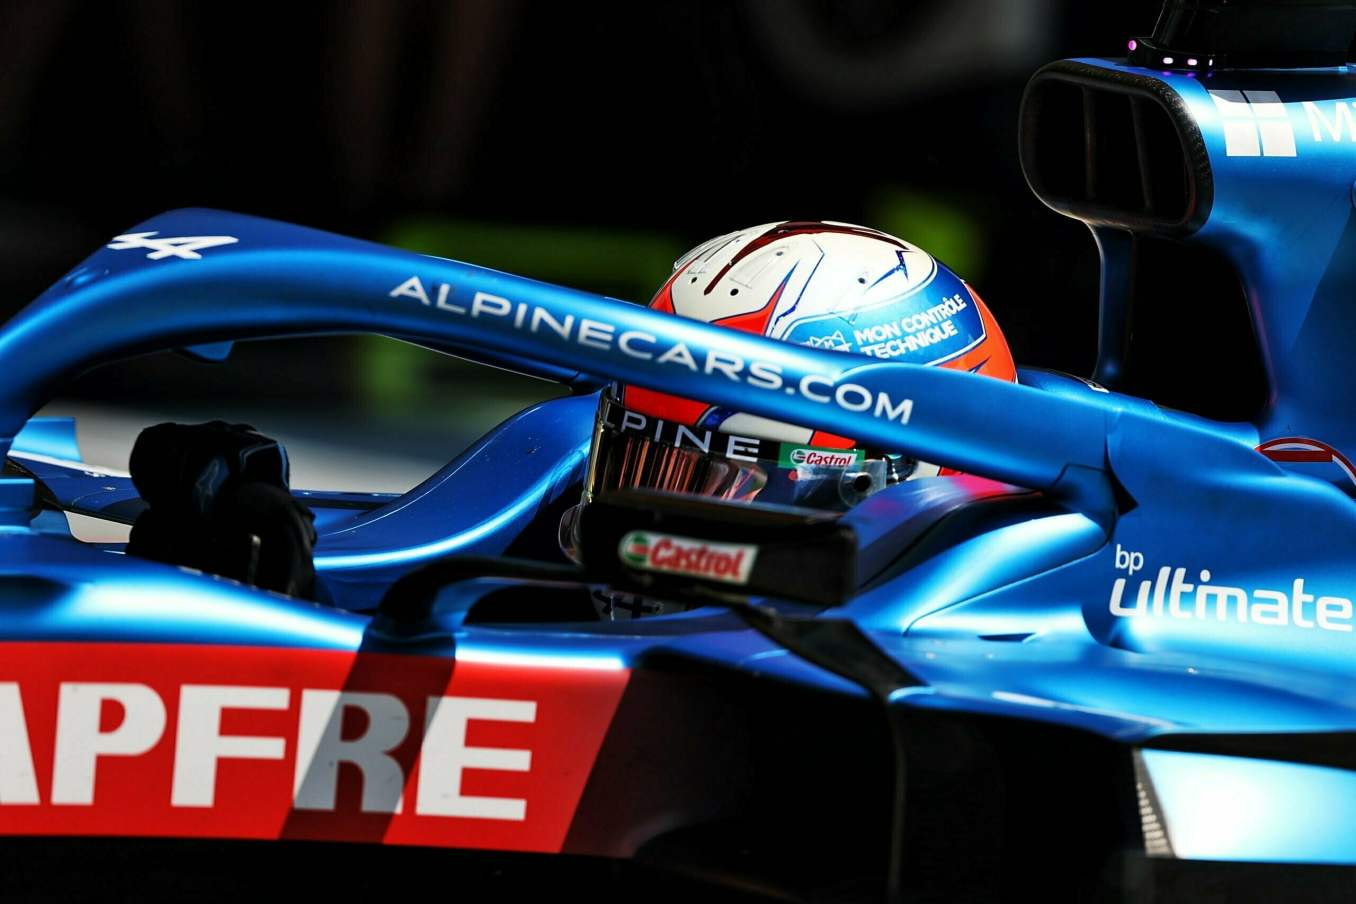 Alpine F1 Team Alonso Ocon Autriche Steiermark Grand Prix Spielberg A521 2021 27 scaled | Alpine F1 : Alonso réitère la Q3 et Ocon trébuche en Q1 à Spielberg